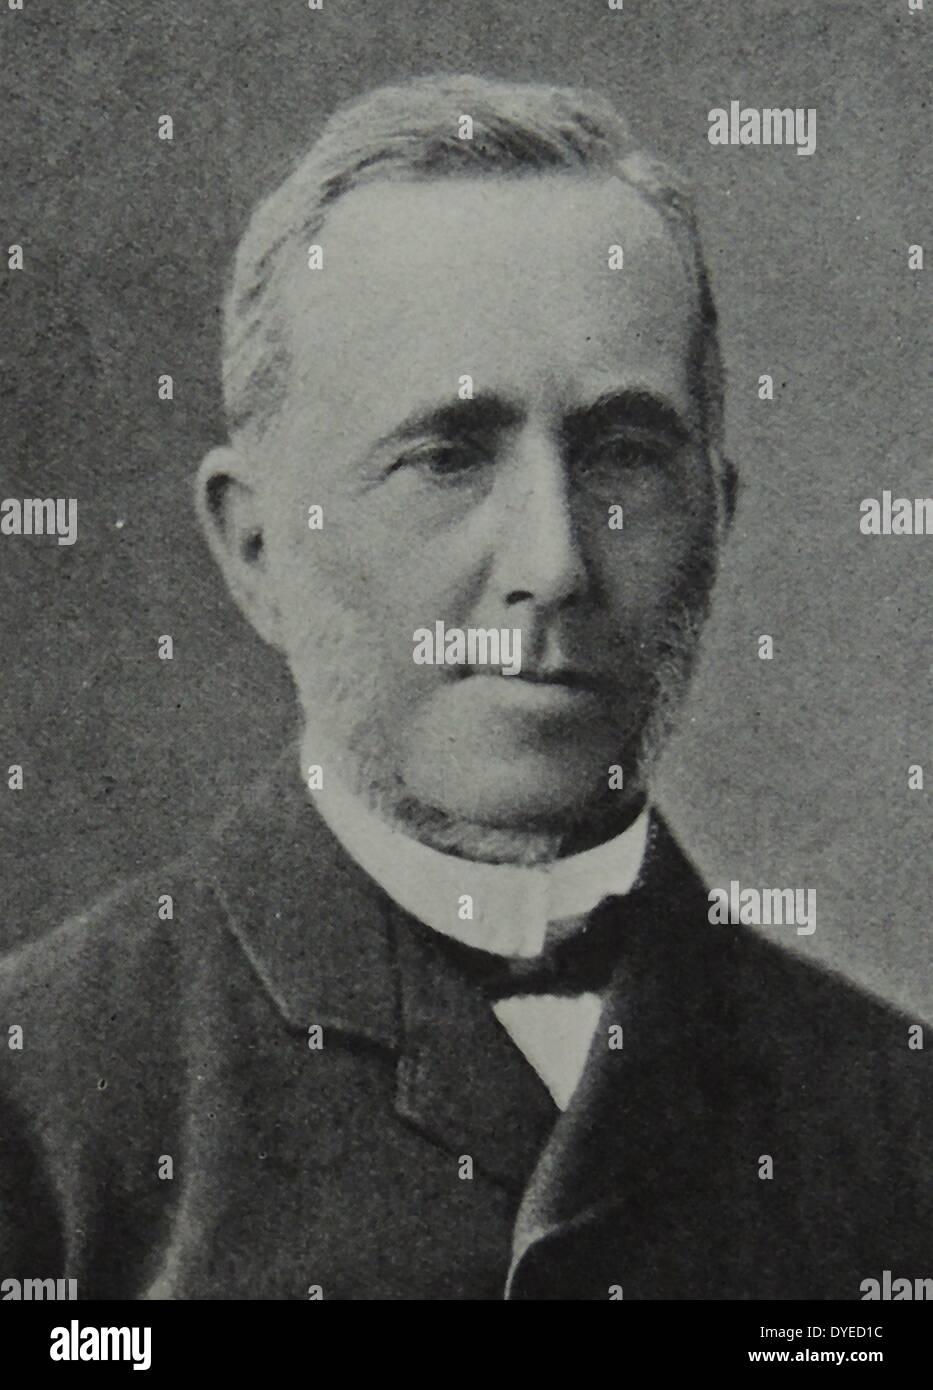 Abbildung von Harald Berg Stockbild